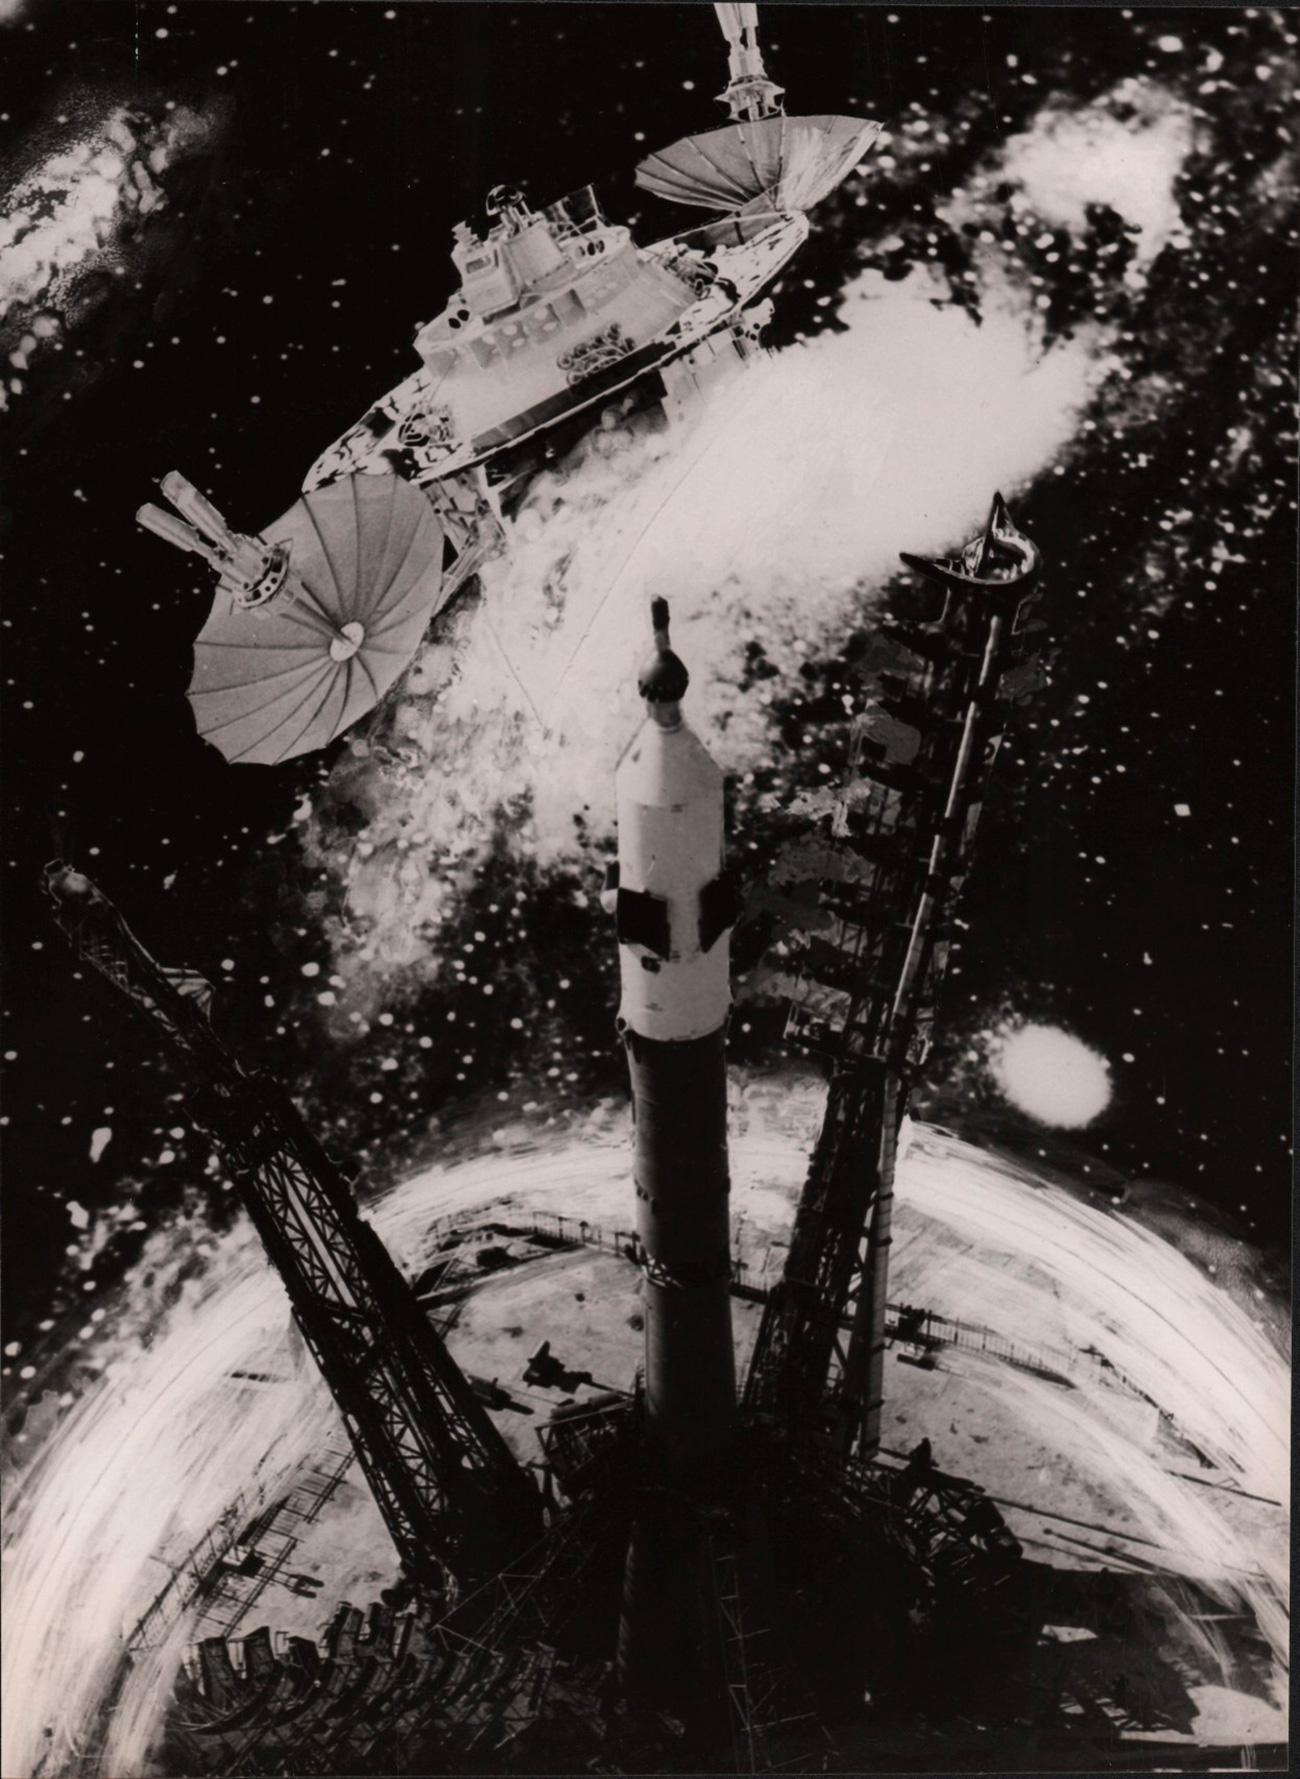 As imagens compõem reportagens fotográficas feitas por profissionais que a agência de notícias Tass, parceira do projeto, e a Voks (associação soviética para relações culturais no exterior) enviavam periodicamente para a Itália para que, por meio da organização de exposições itinerantes, fosse apresentada a realidade soviética.